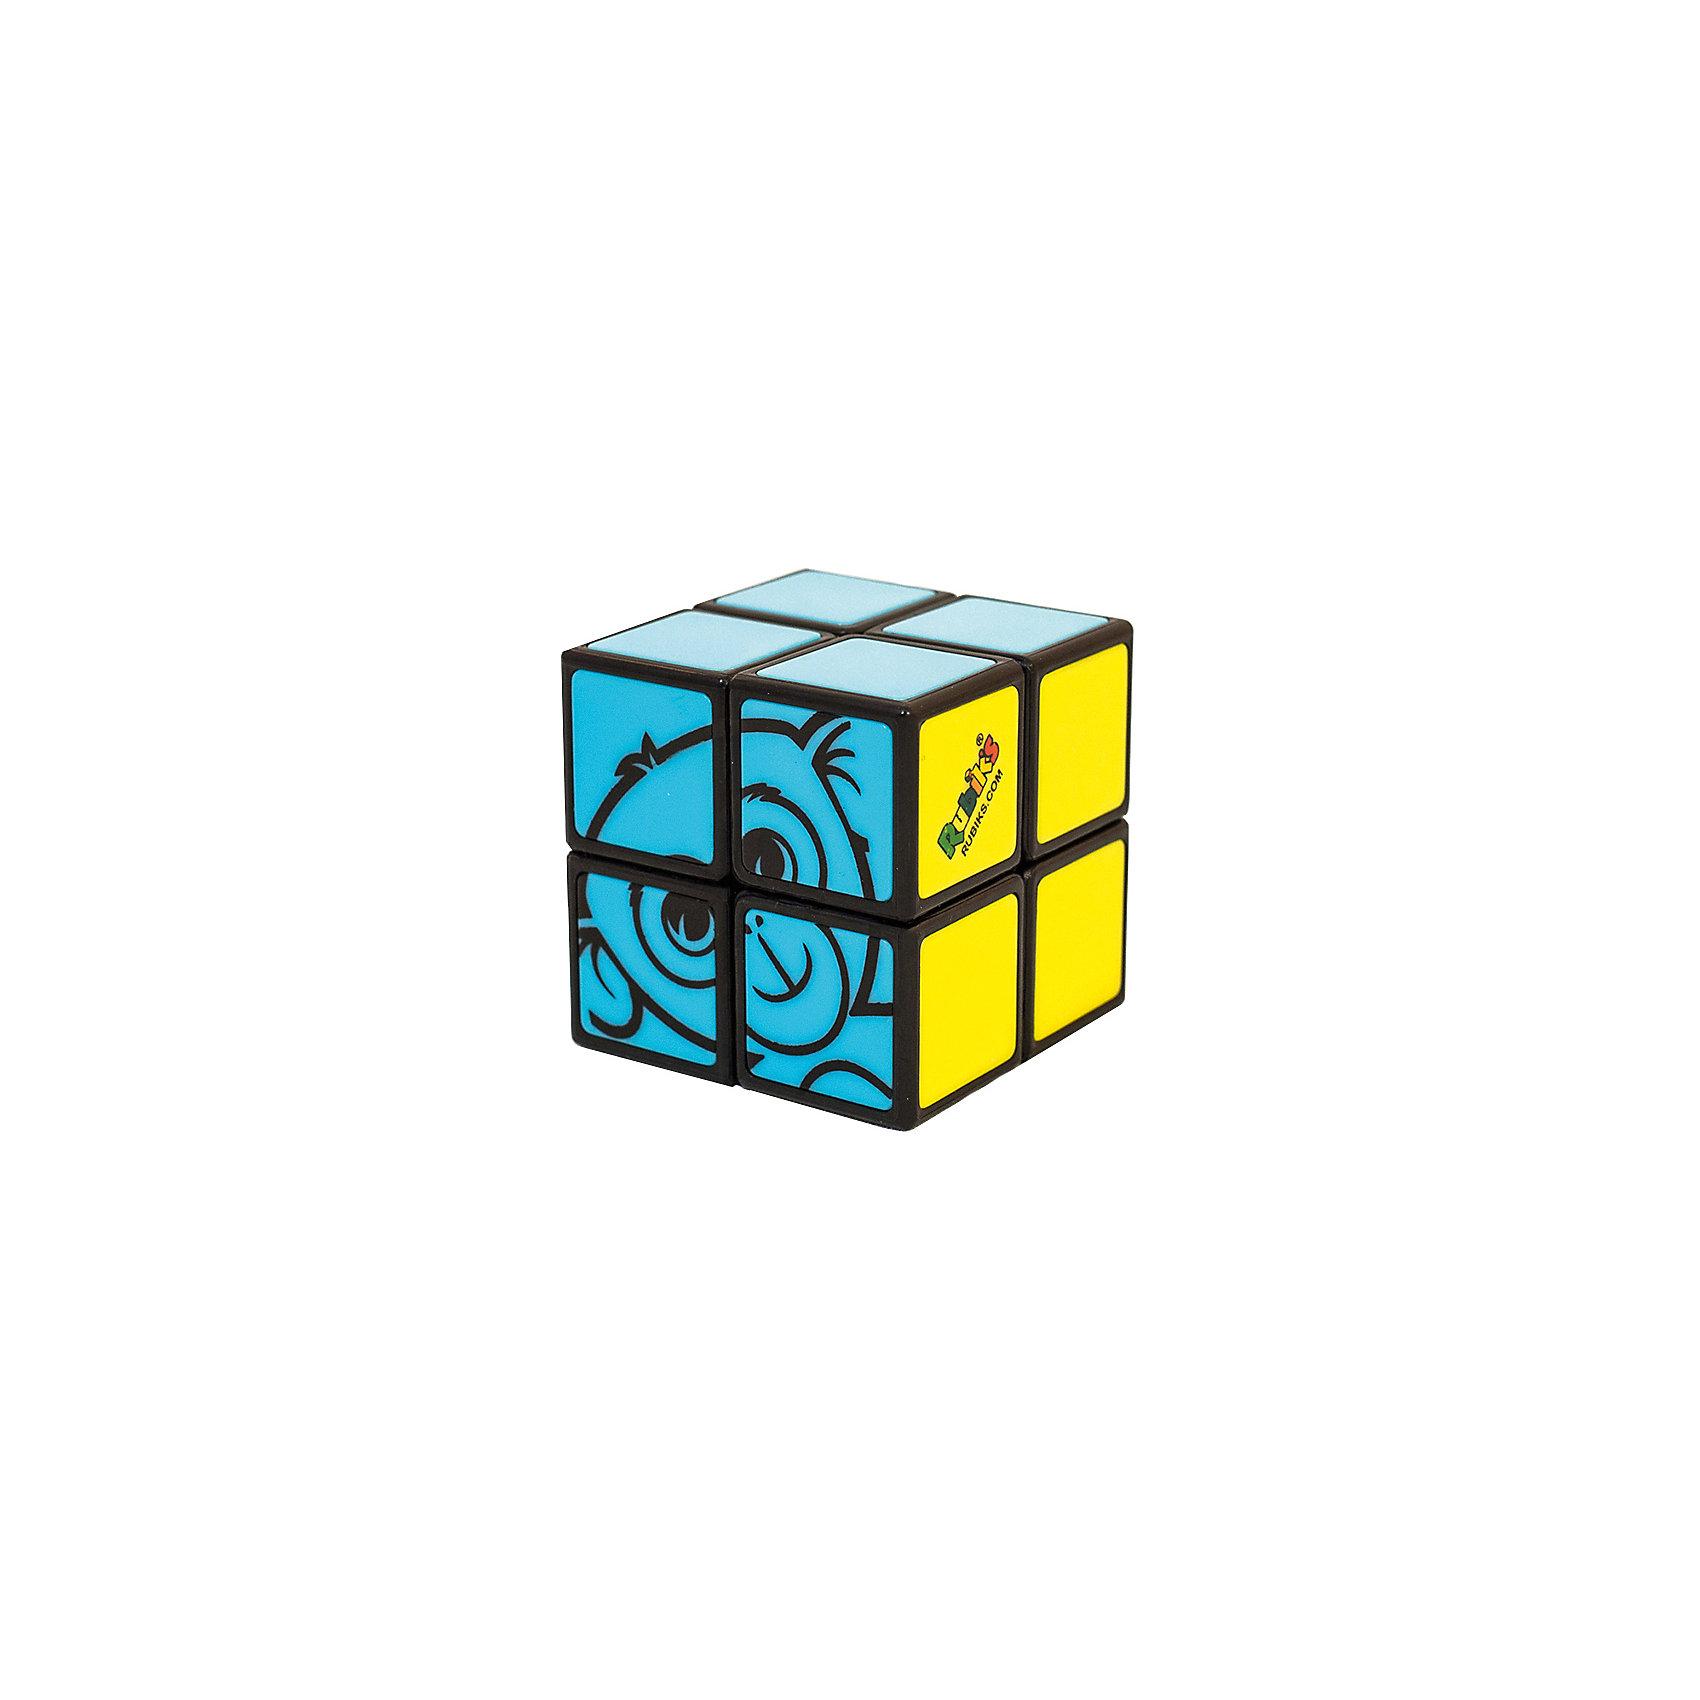 Детский кубик Рубика 2х2Головоломки<br>Обновленная в 2015г версия! Кубик Рубика, который сможет собрать каждый! Эта головоломка - не только идеальный способ познакомить ребенка с развивающими играми Рубикс, но еще и отличный способ научиться собирать кубик Рубика 3х3 (для тех кто так и не научился).            Что нового в версии 2015г:      1) Новый механизм и конструкция на база шара, вместо наклеек - пластиковые вставки.      2) Размер игрушки увеличен с 38 до 46мм      3) Новая упаковка блистер-шестигранник.              У кубика Рубика 2х2 для малышей всего 2 цвета, вместо обычных шести - зеленый и розовый, а также картинка: голова обезьянки. Достаточно поставить все 4 кубика зеленой стороны вместе, затем собрать симпатичную обезьянку из четырех розовых кубиков и головоломка решена! Несмотря на кажущуюся простоту, малышу придется хорошенько подумать, ведь тут потребуется и логика, и пространственное воображение - необходимые навыки для победы над более сложными головоломками и логическими задачами.               Упрощенный вариант Кубика Рубика 2х2.     3 возможных задания к этому кубику Рубика. По уровню сложности, от простого к сложному:        1. Собрать только зеленую сторону.        2. Собрать розовую сторону с изображением головы обезьянки.        3. Собрать обе стороны - и зеленую и с обезьянкой.     Возраст: от 5 лет.        Сложность: 1/5        Размер игрушки: 46 x 46 x 46 мм        В комплекте: Головоломка<br><br>Ширина мм: 50<br>Глубина мм: 145<br>Высота мм: 150<br>Вес г: 100<br>Возраст от месяцев: 60<br>Возраст до месяцев: 180<br>Пол: Унисекс<br>Возраст: Детский<br>SKU: 4166718